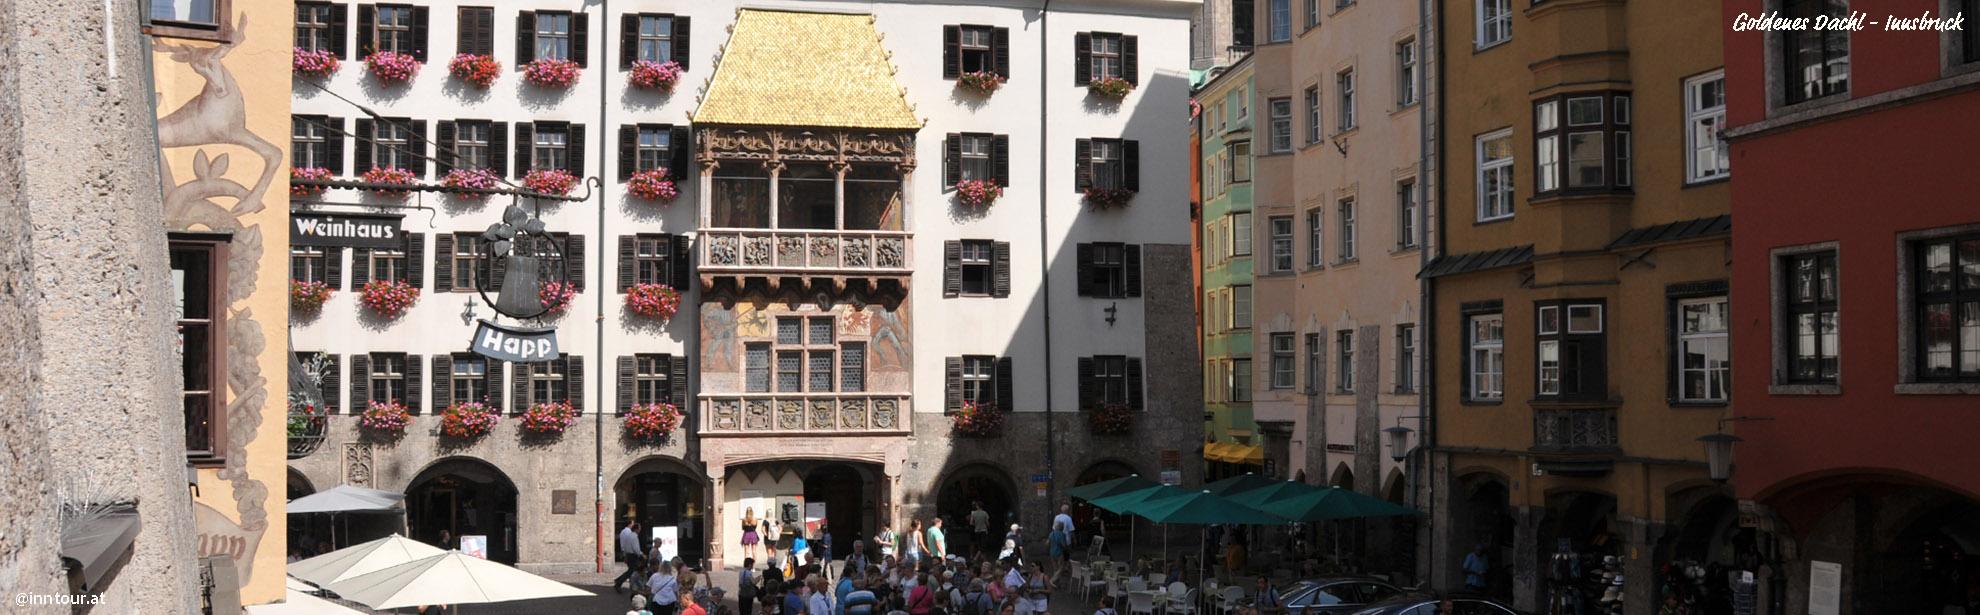 Oinntour_Goldenes-Dachl_Innsbruck_DSC_2505